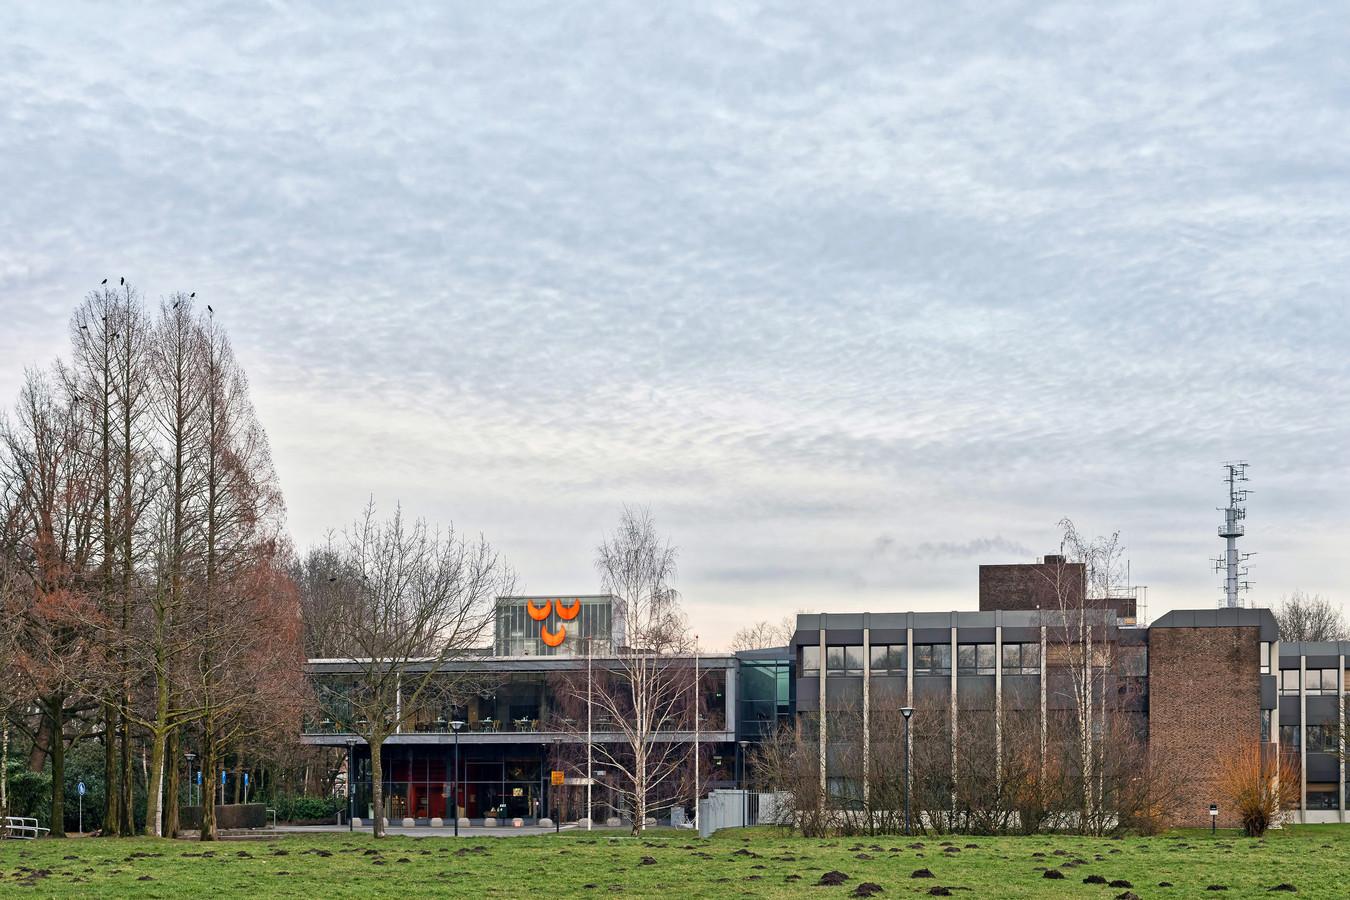 Het stadhuis van de gemeente Oosterhout aan het Slotjesveld in Oosterhout.